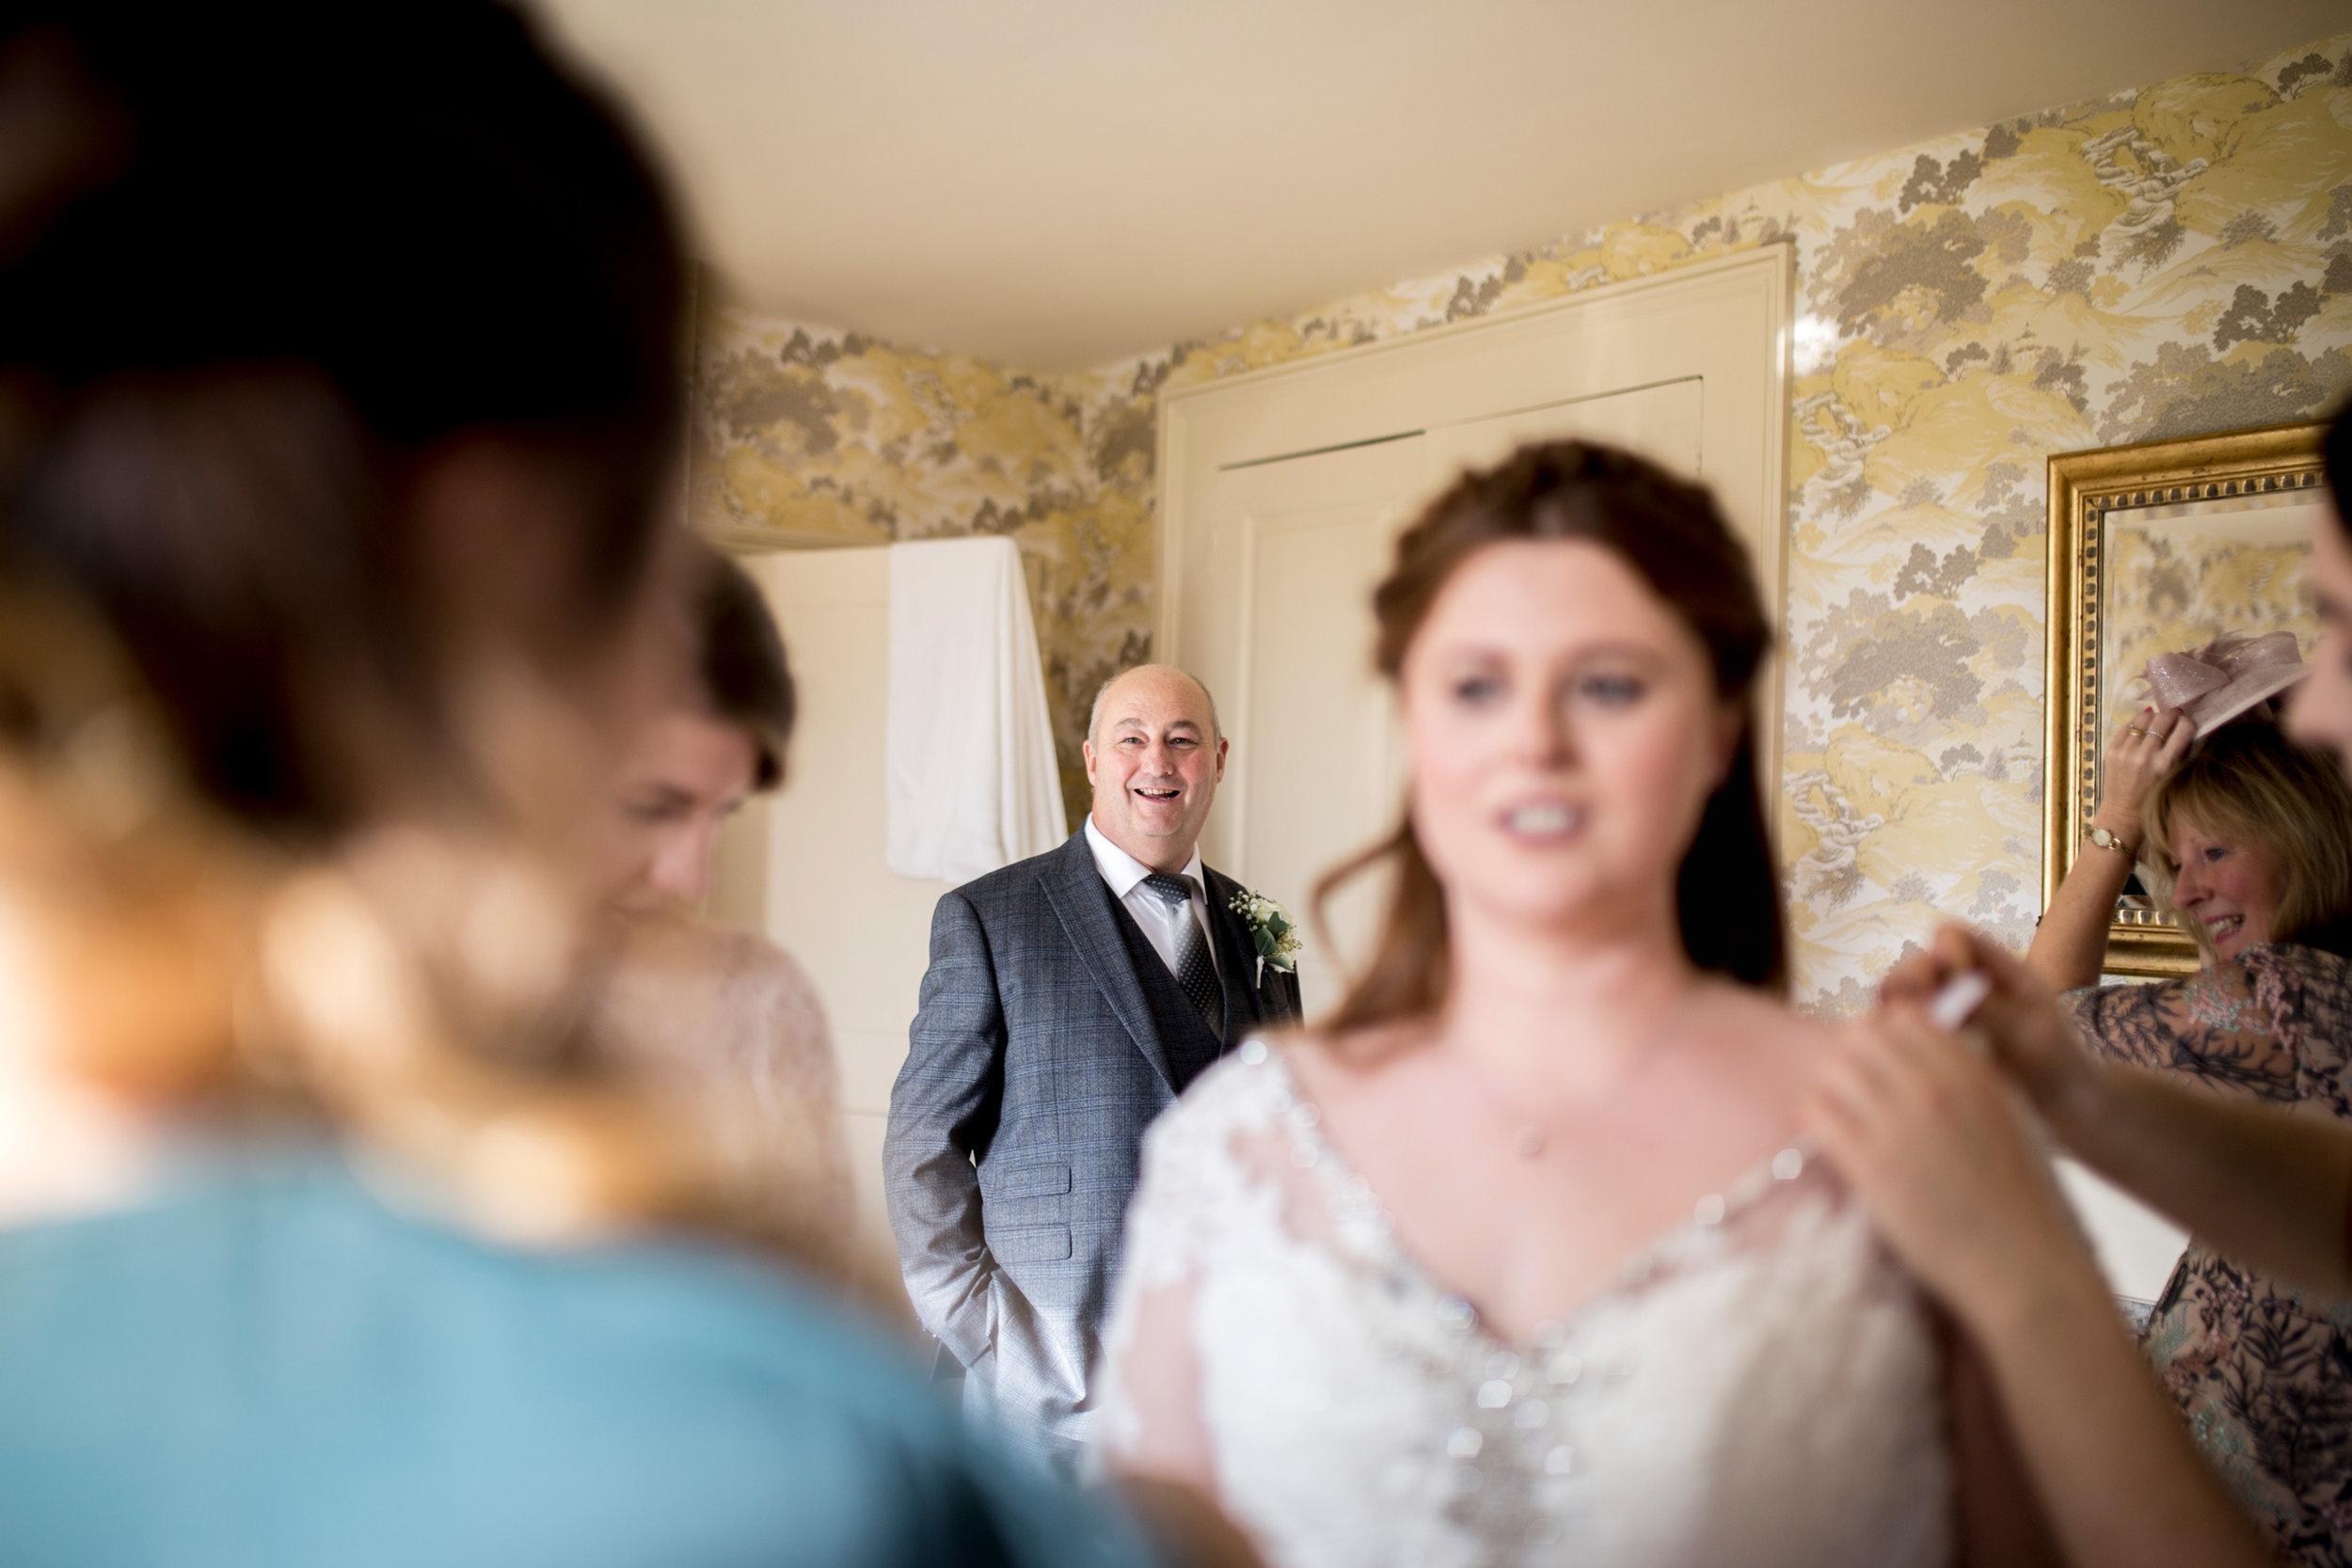 FOTB, Bedfordshire Wedding, Father Portrait, RMW,